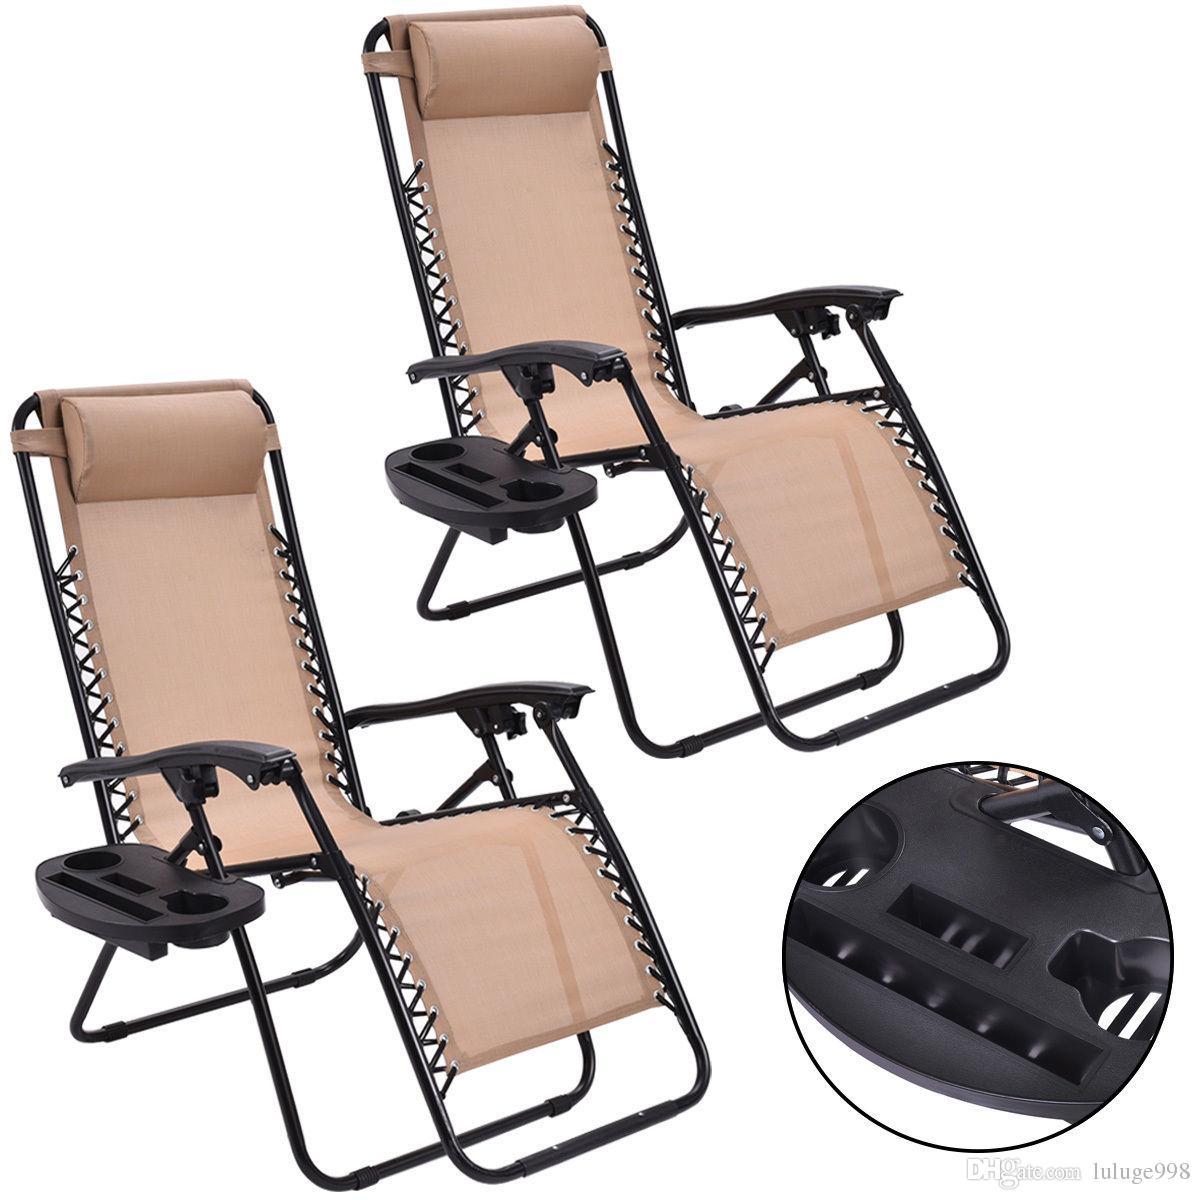 Zero Gravity Camp Chair Chair Ideas